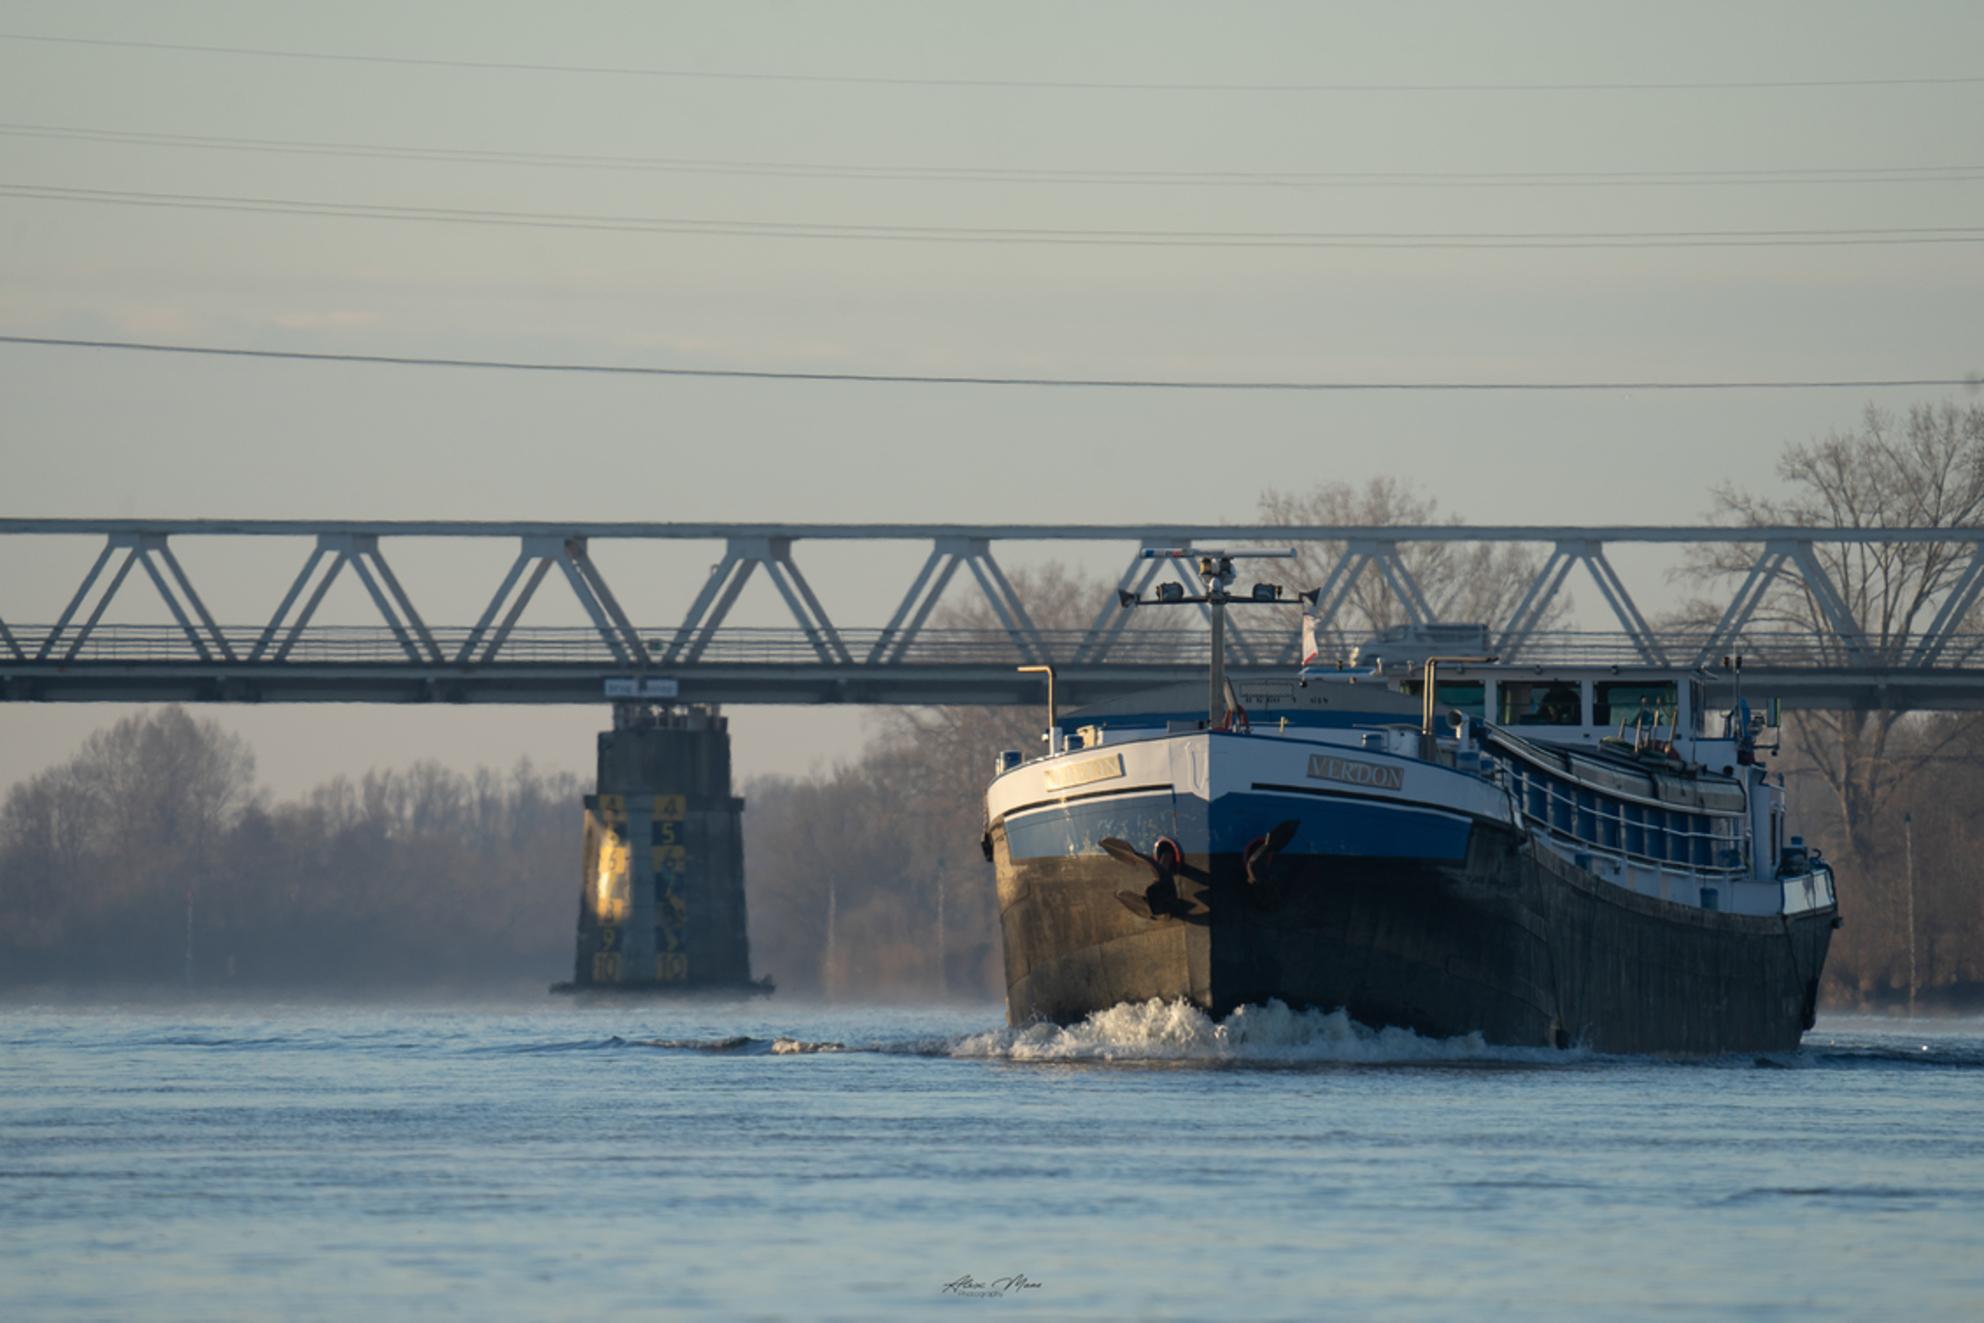 Binnenvaartschip - - - foto door Alex-Maas1 op 01-04-2021 - deze foto bevat: lucht, water, licht, architectuur, brabant, brug, rivier, schip, maas, transport, mast, binnenvaartschip, beugen